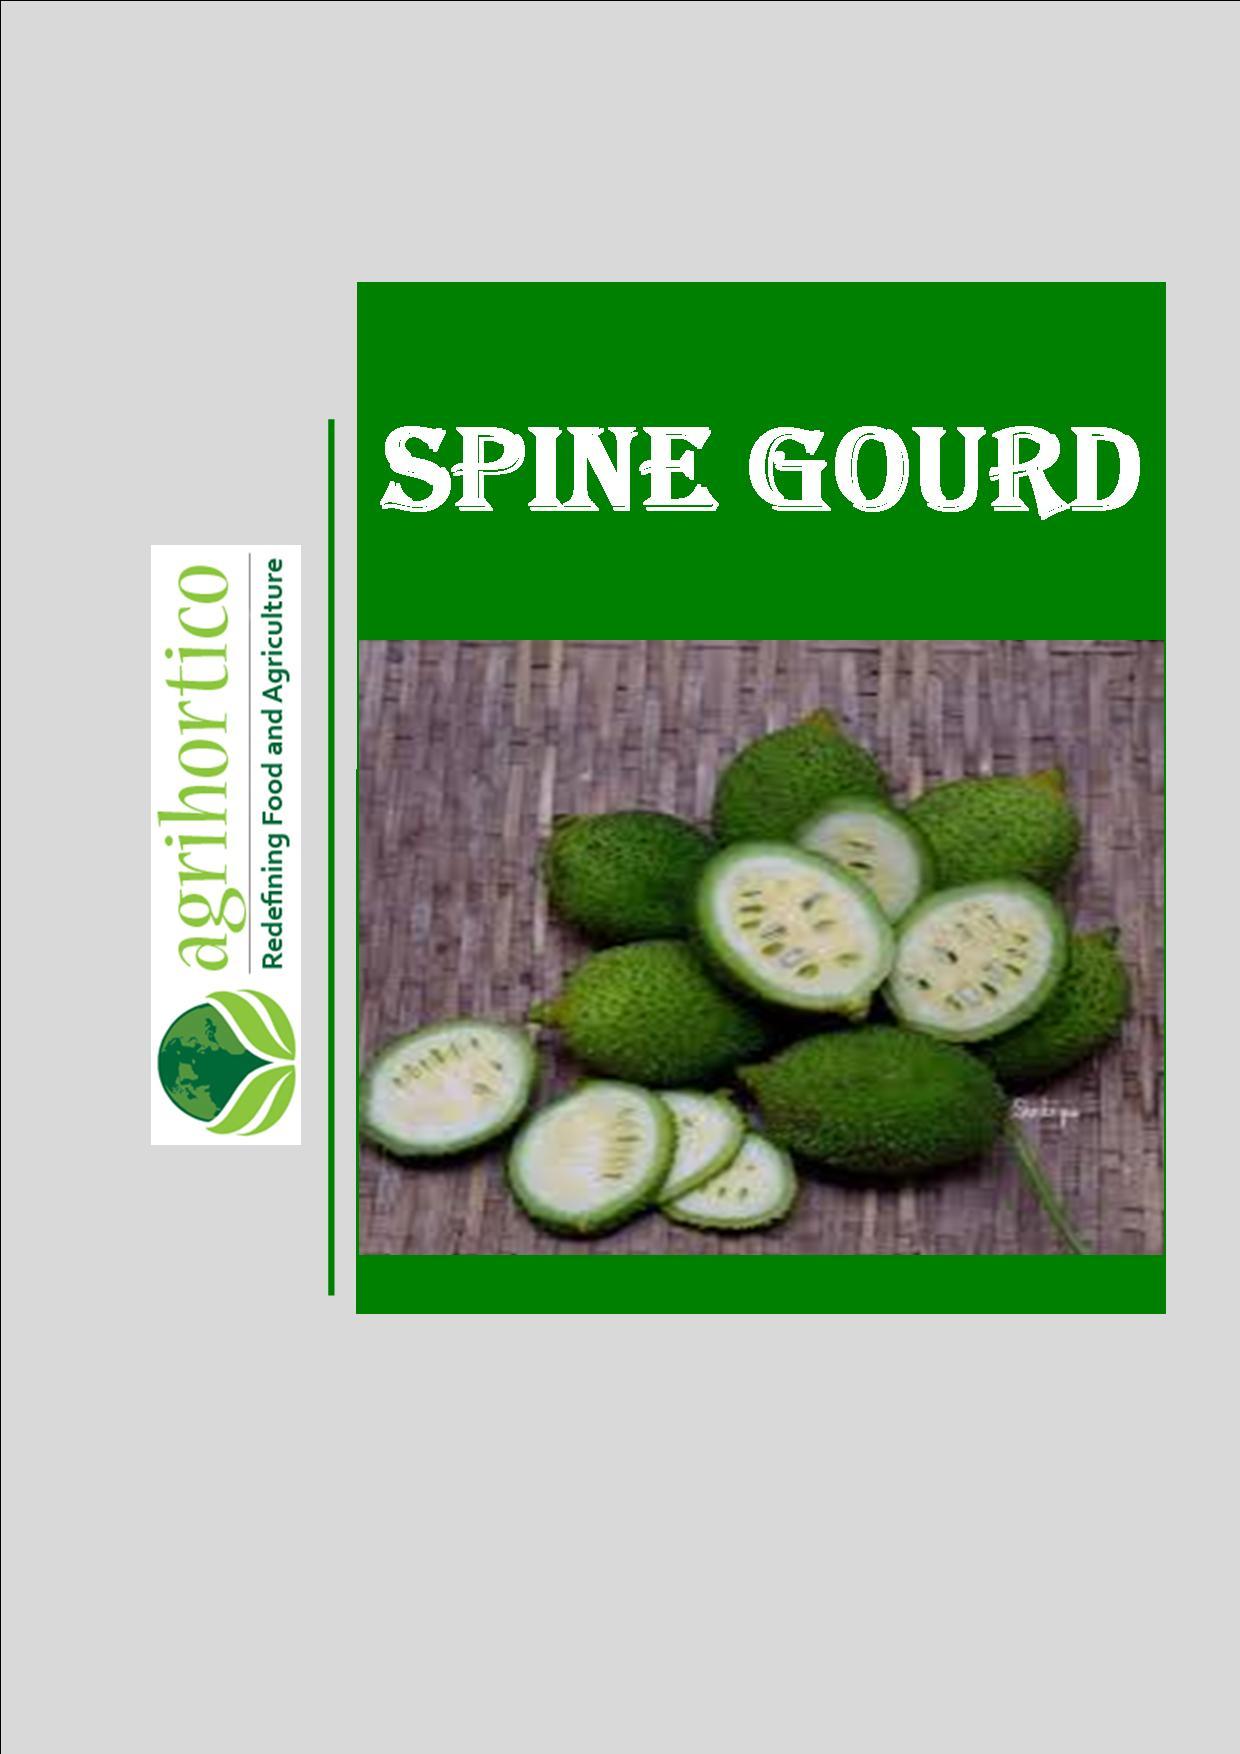 spine-gourd